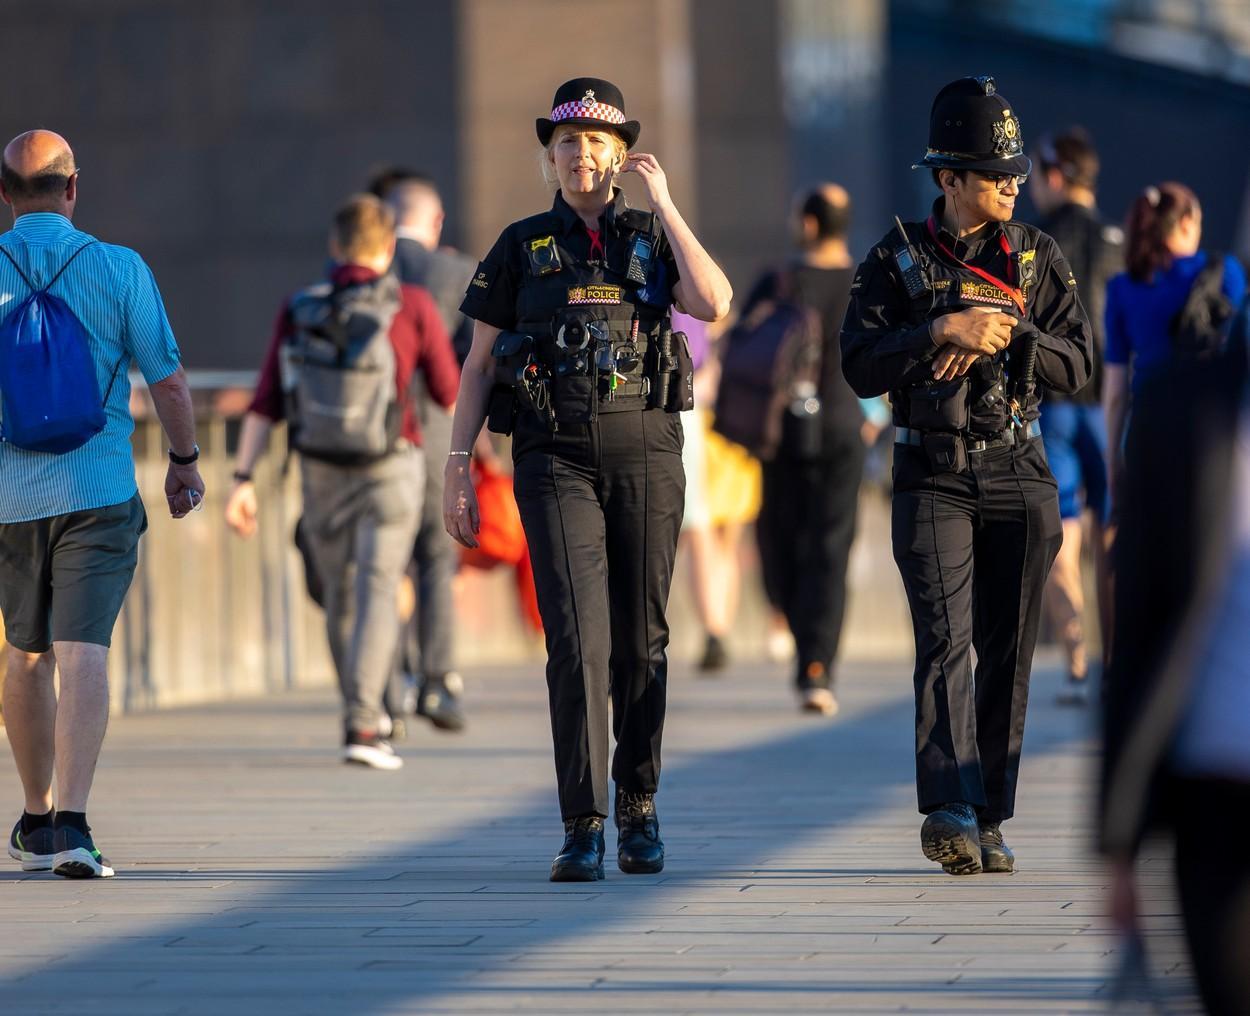 Penny Lancaster, soția superstarului Rod Stewart, îmbrăcată în uniforma de poliție